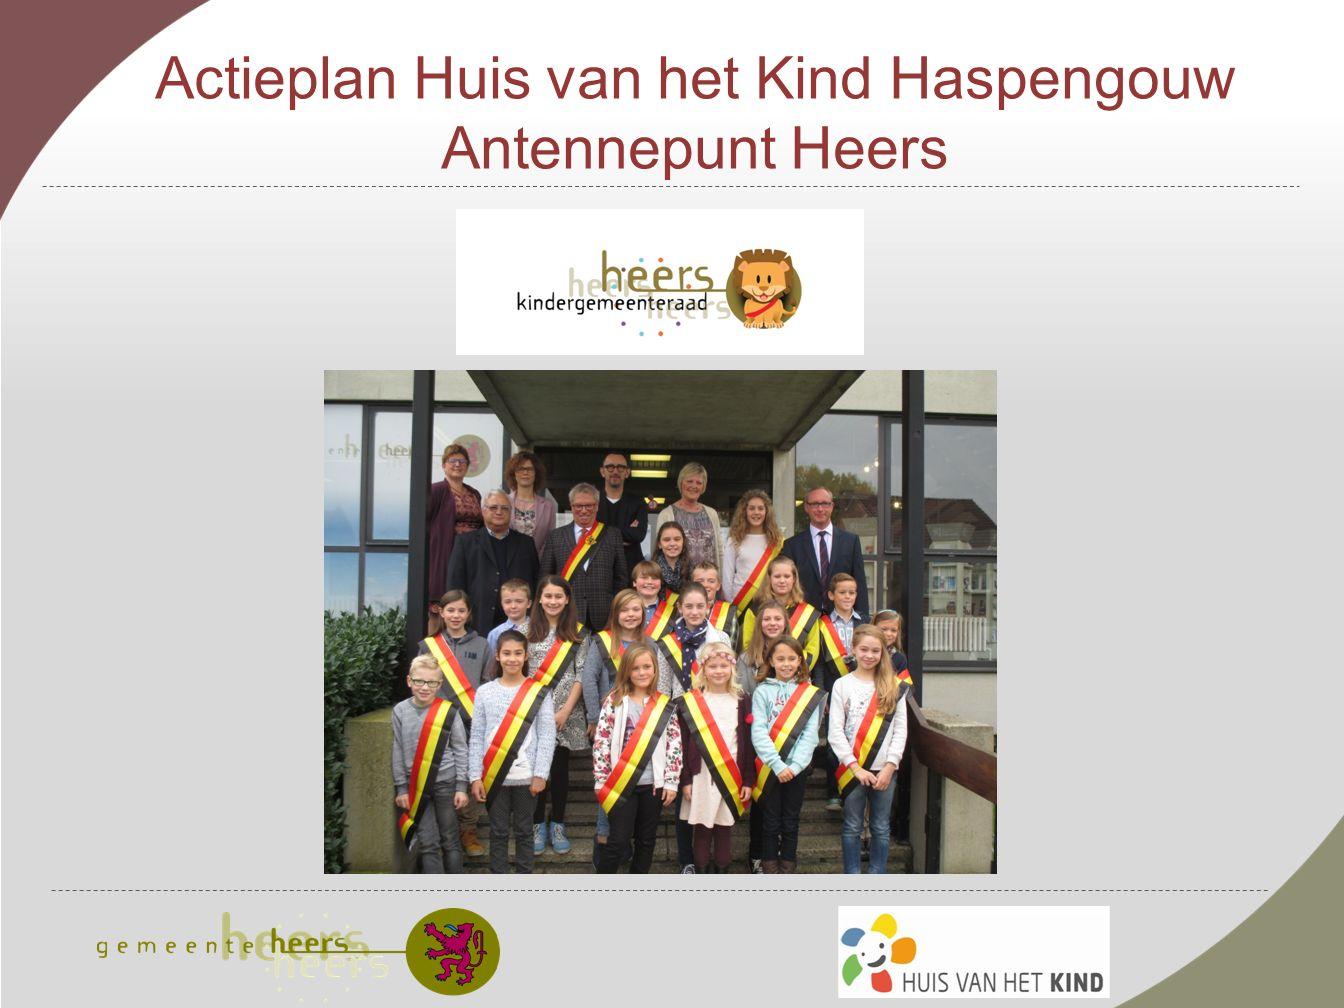 Actieplan Huis van het Kind Haspengouw Antennepunt Heers